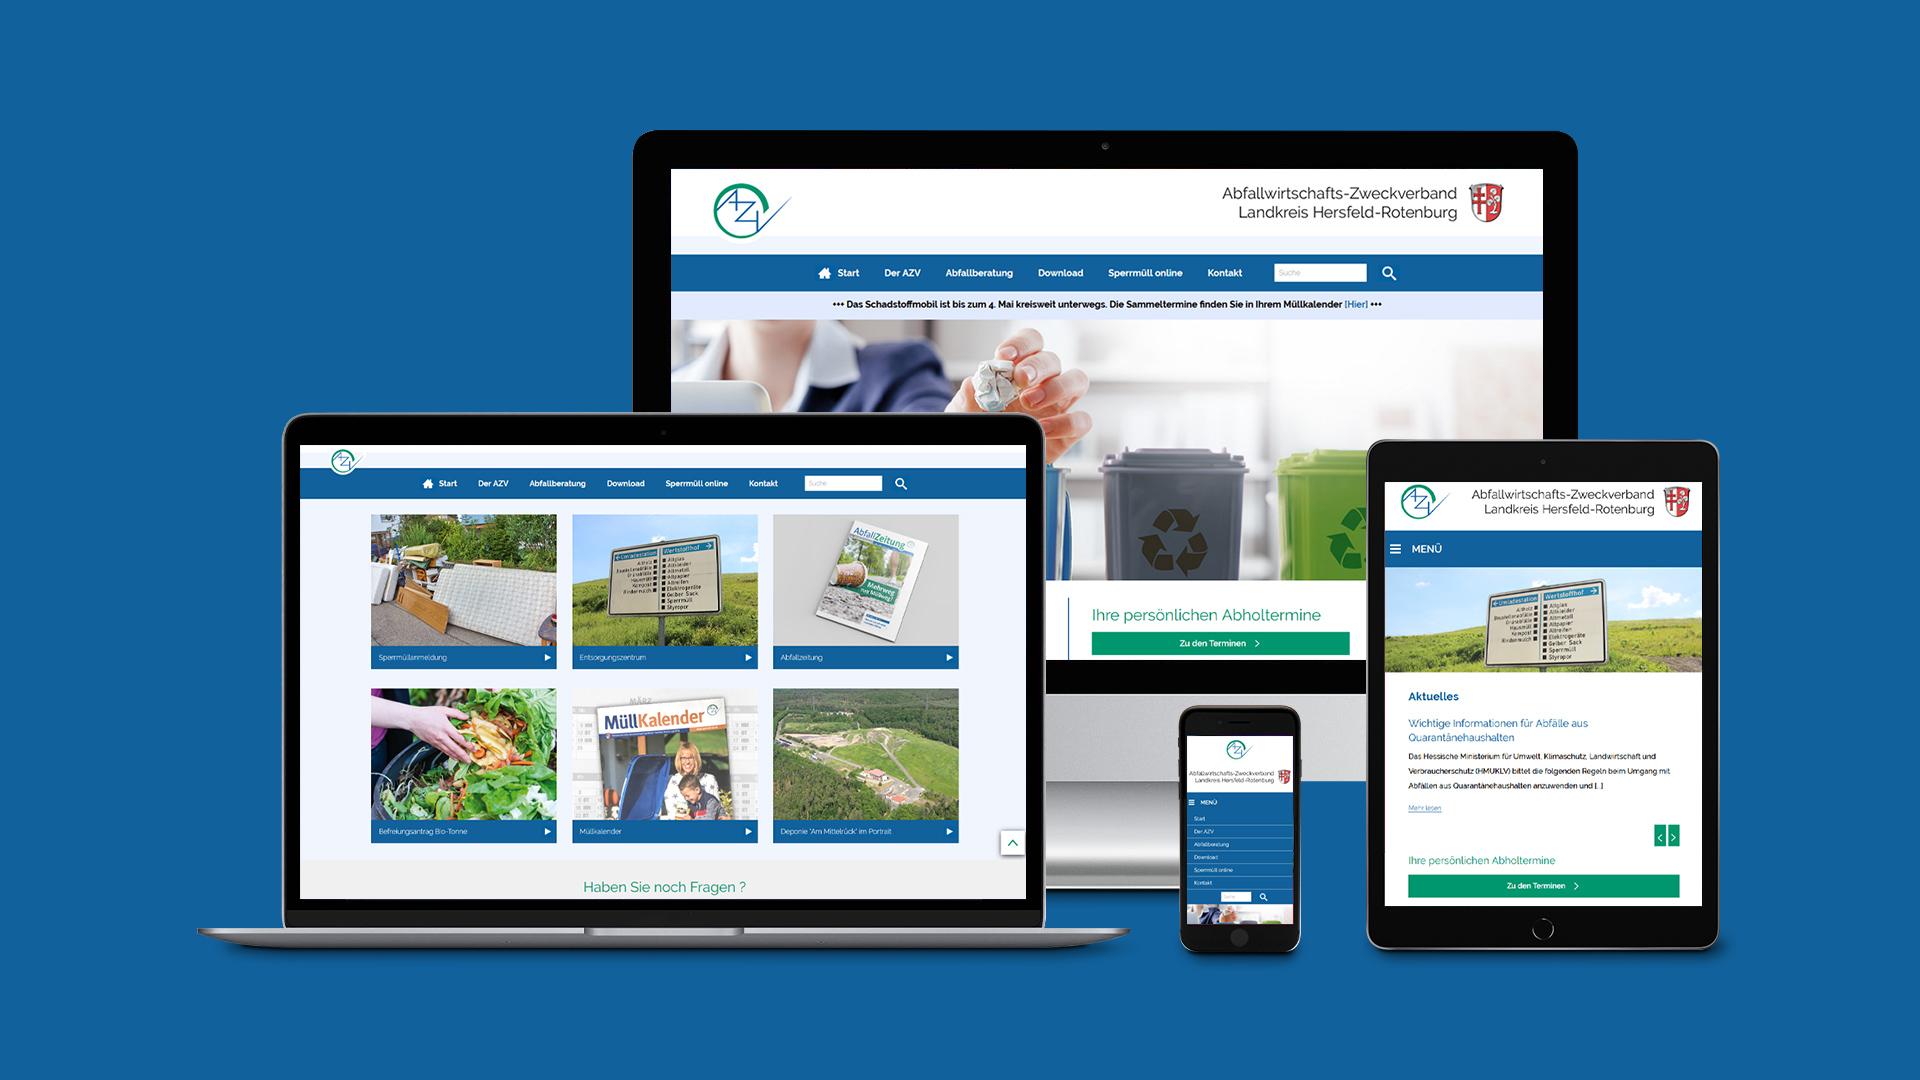 Internetseite des Abfallwirtschafts-Zweckverband Landkreis Hersfeld-Rotenburg (AZV)